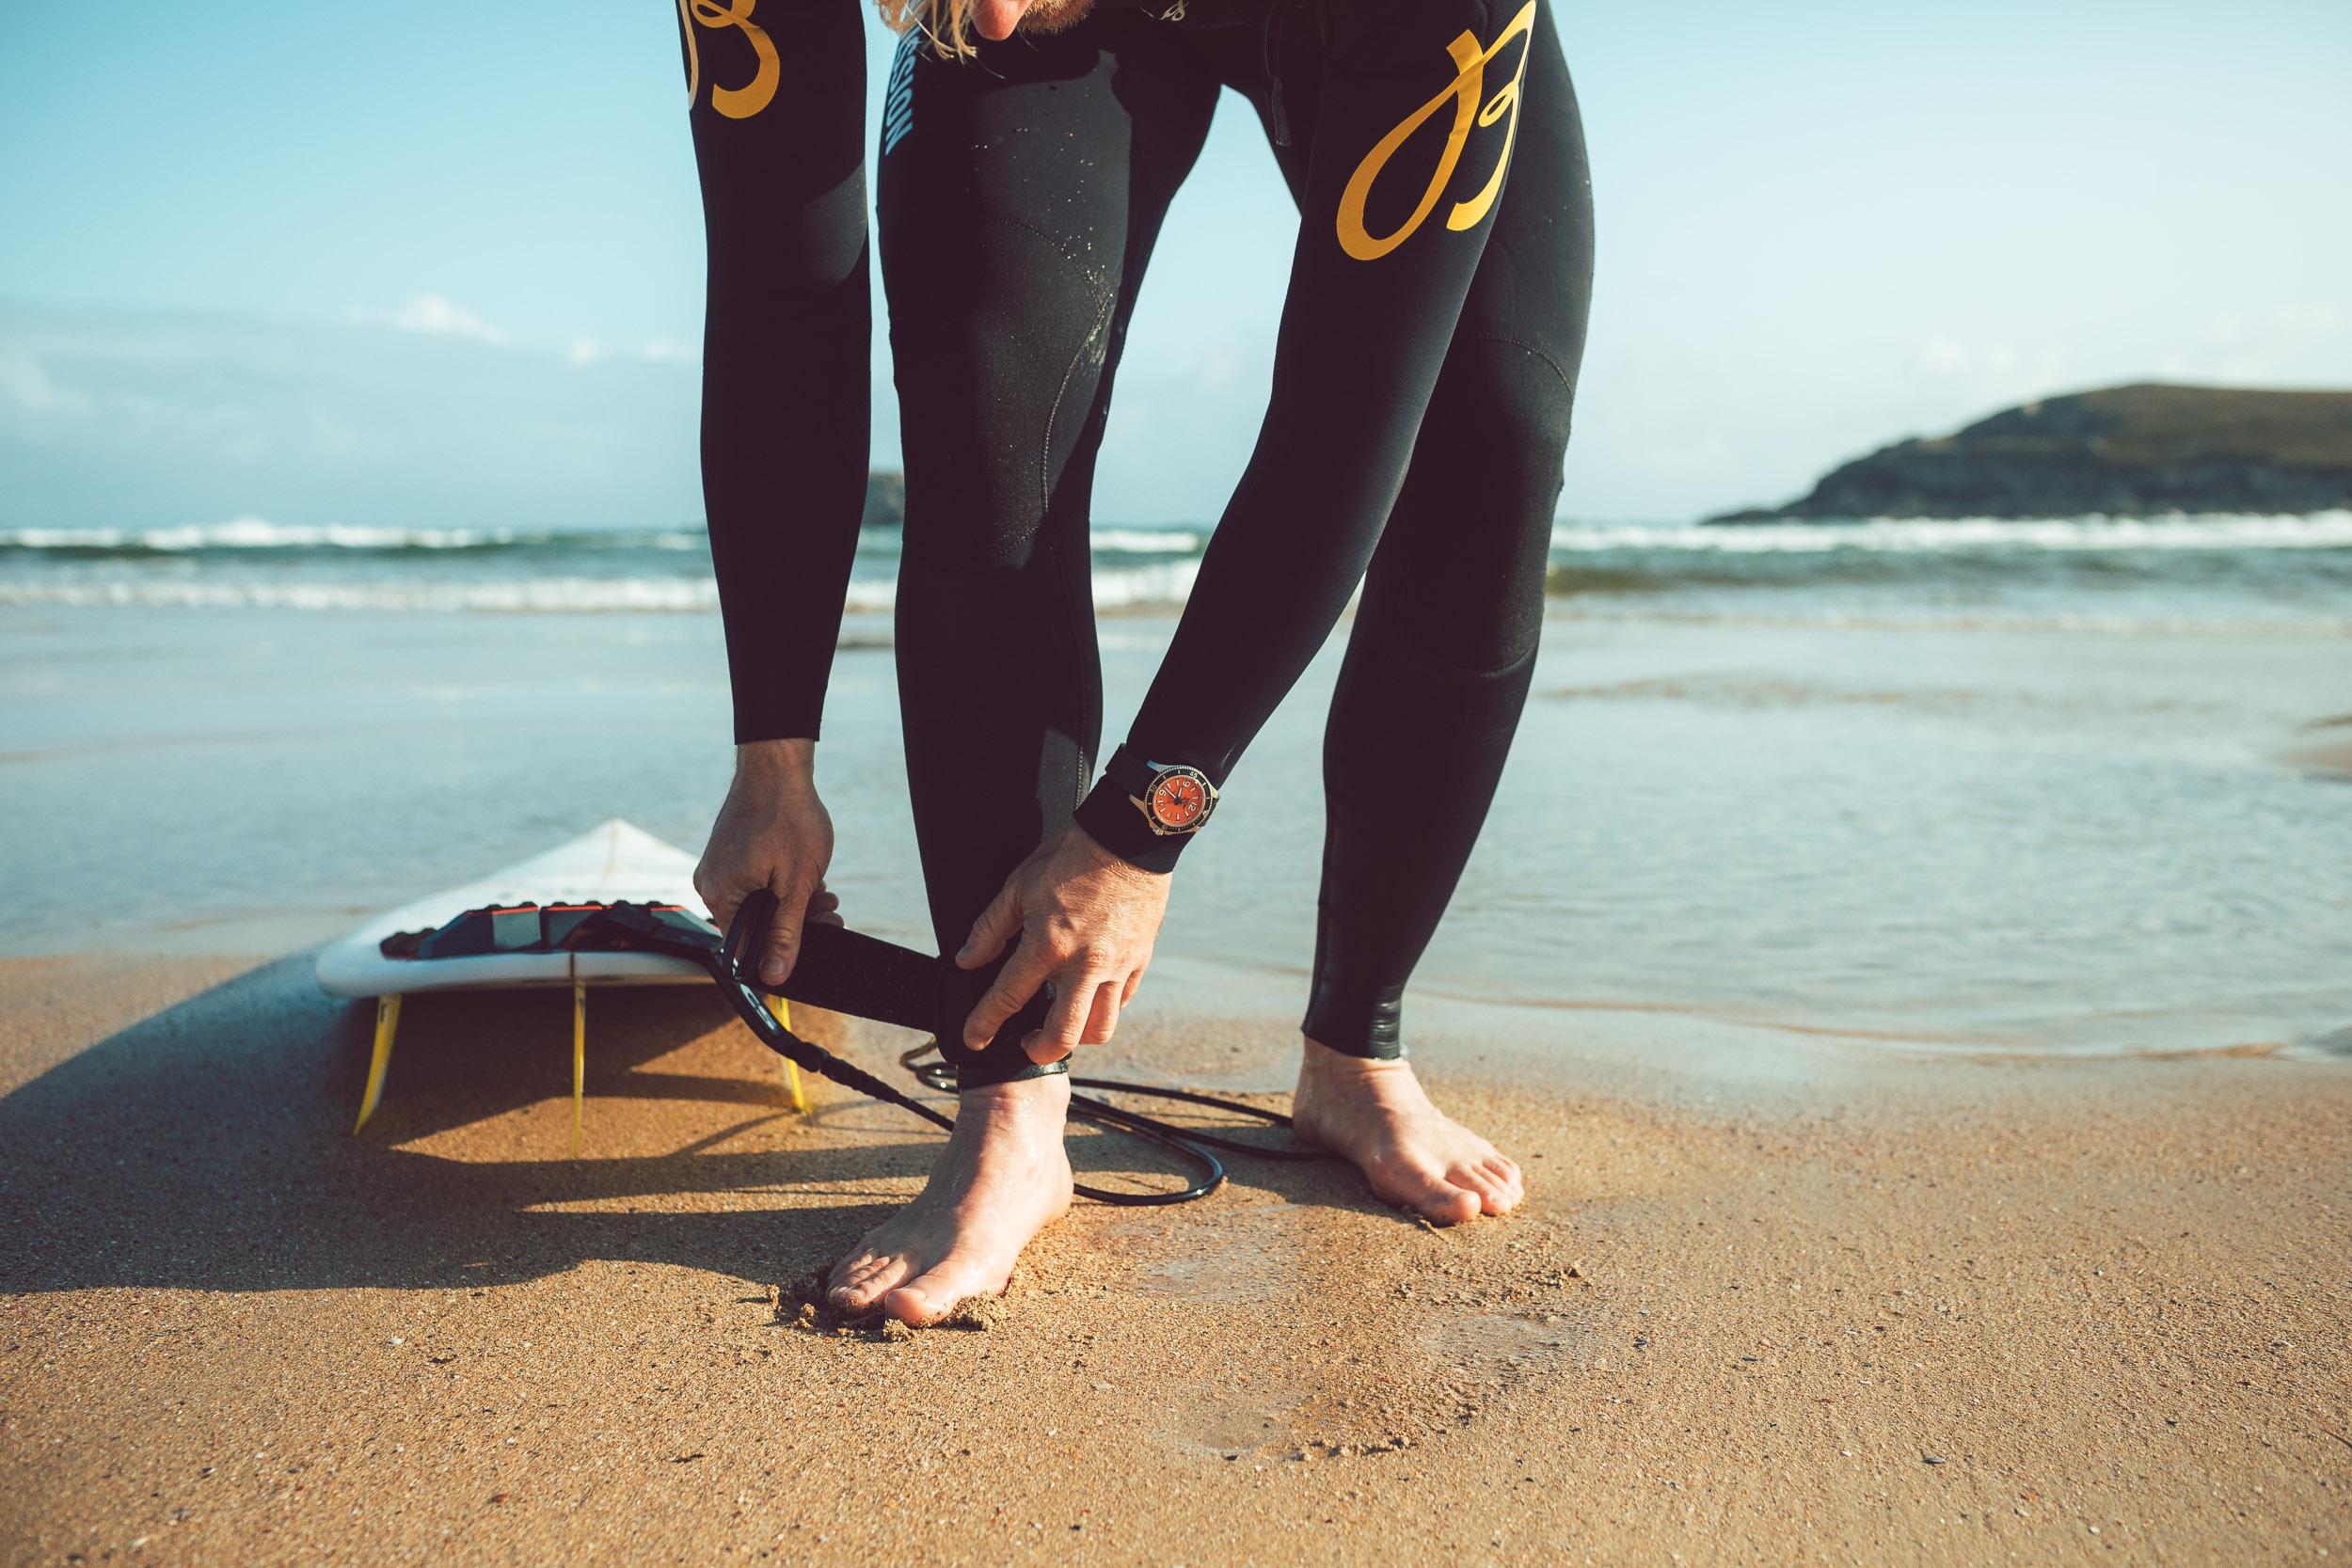 BREITLING-SURF-Finn-Beales-21.jpg